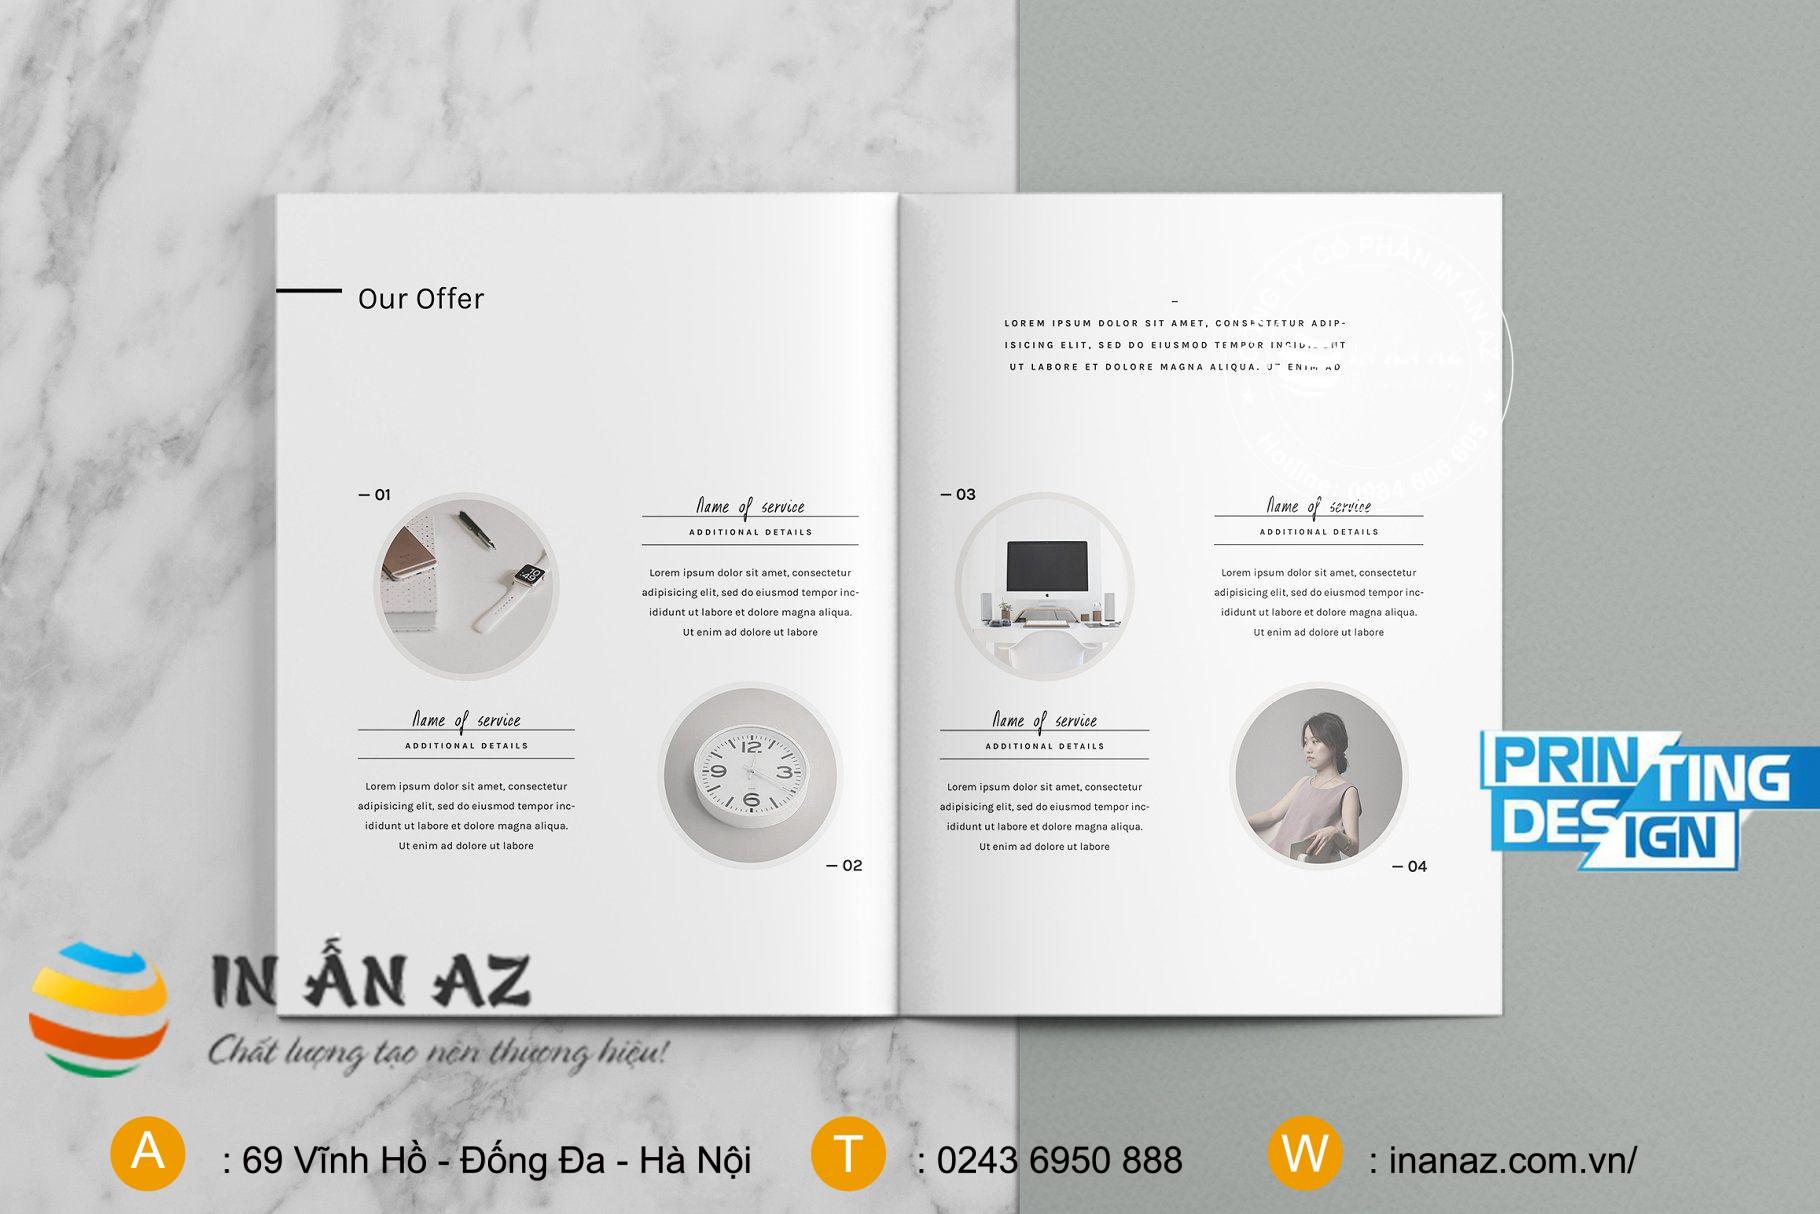 Mẫu catalogue sản phẩm đơn giản, bắt mắt